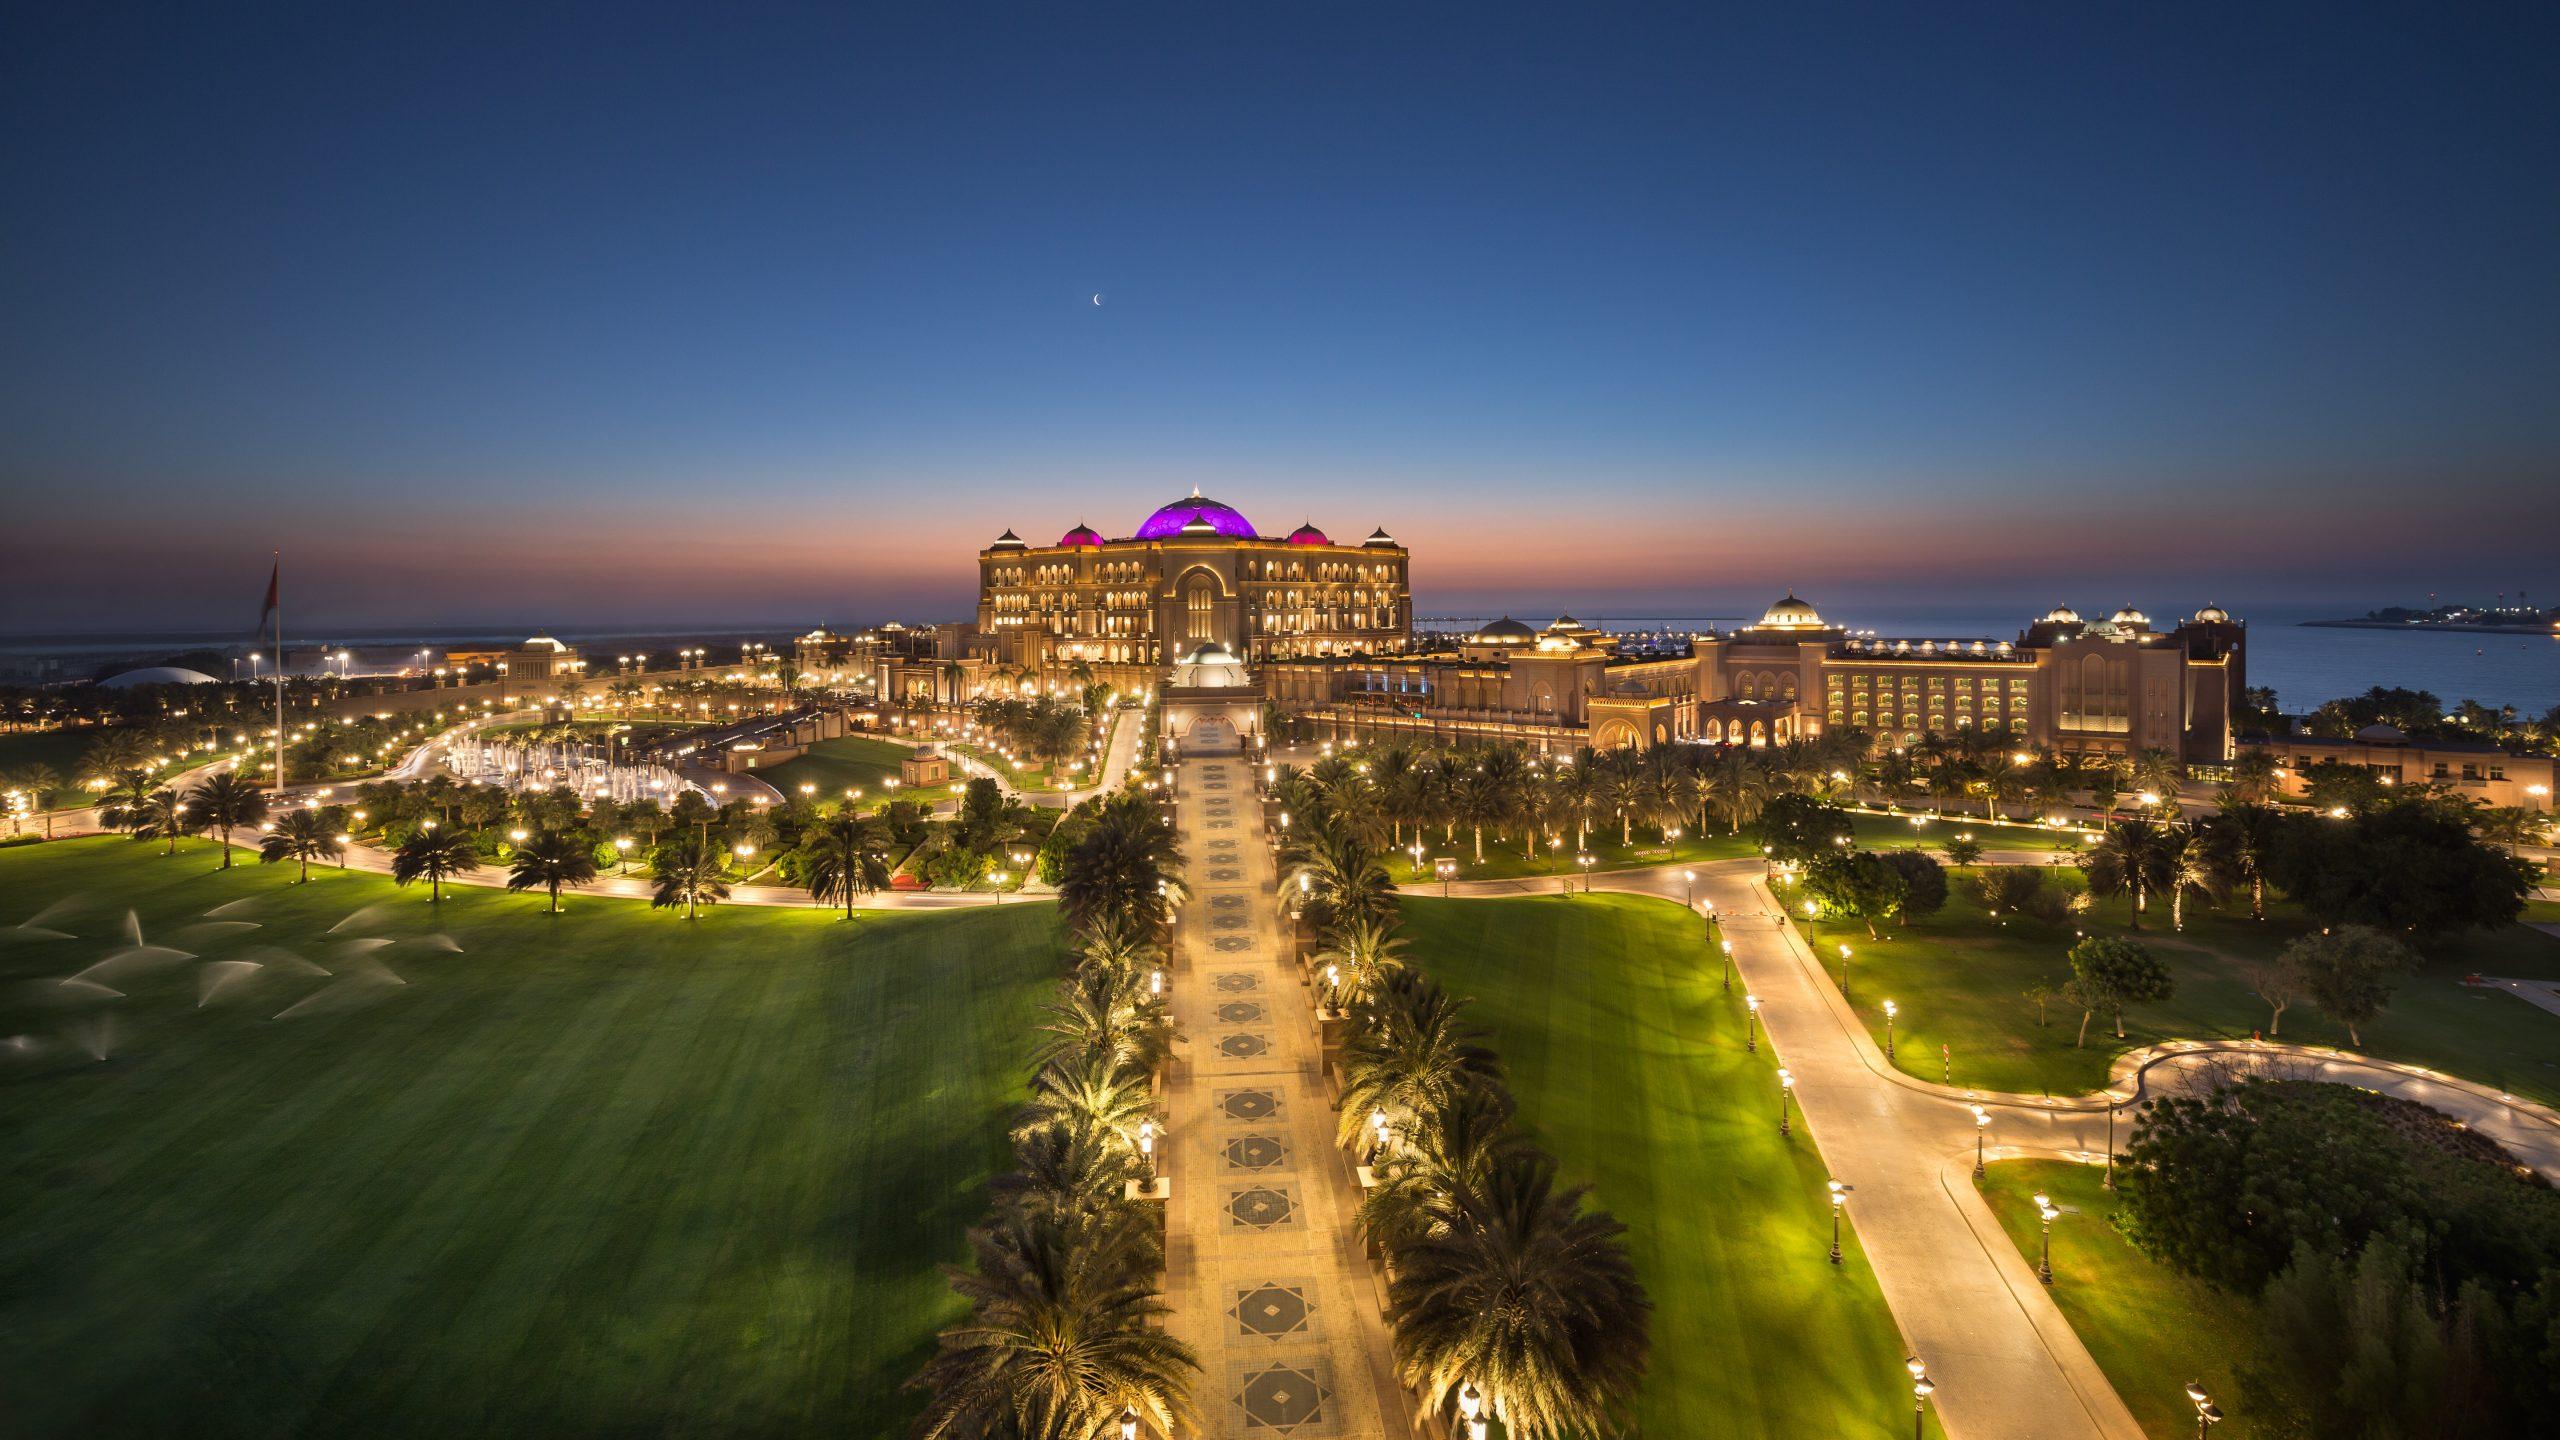 قصر الإمارات يوفر خدمة توصيل  الوجبات الرمضانية الفاخرة إلى المنزل